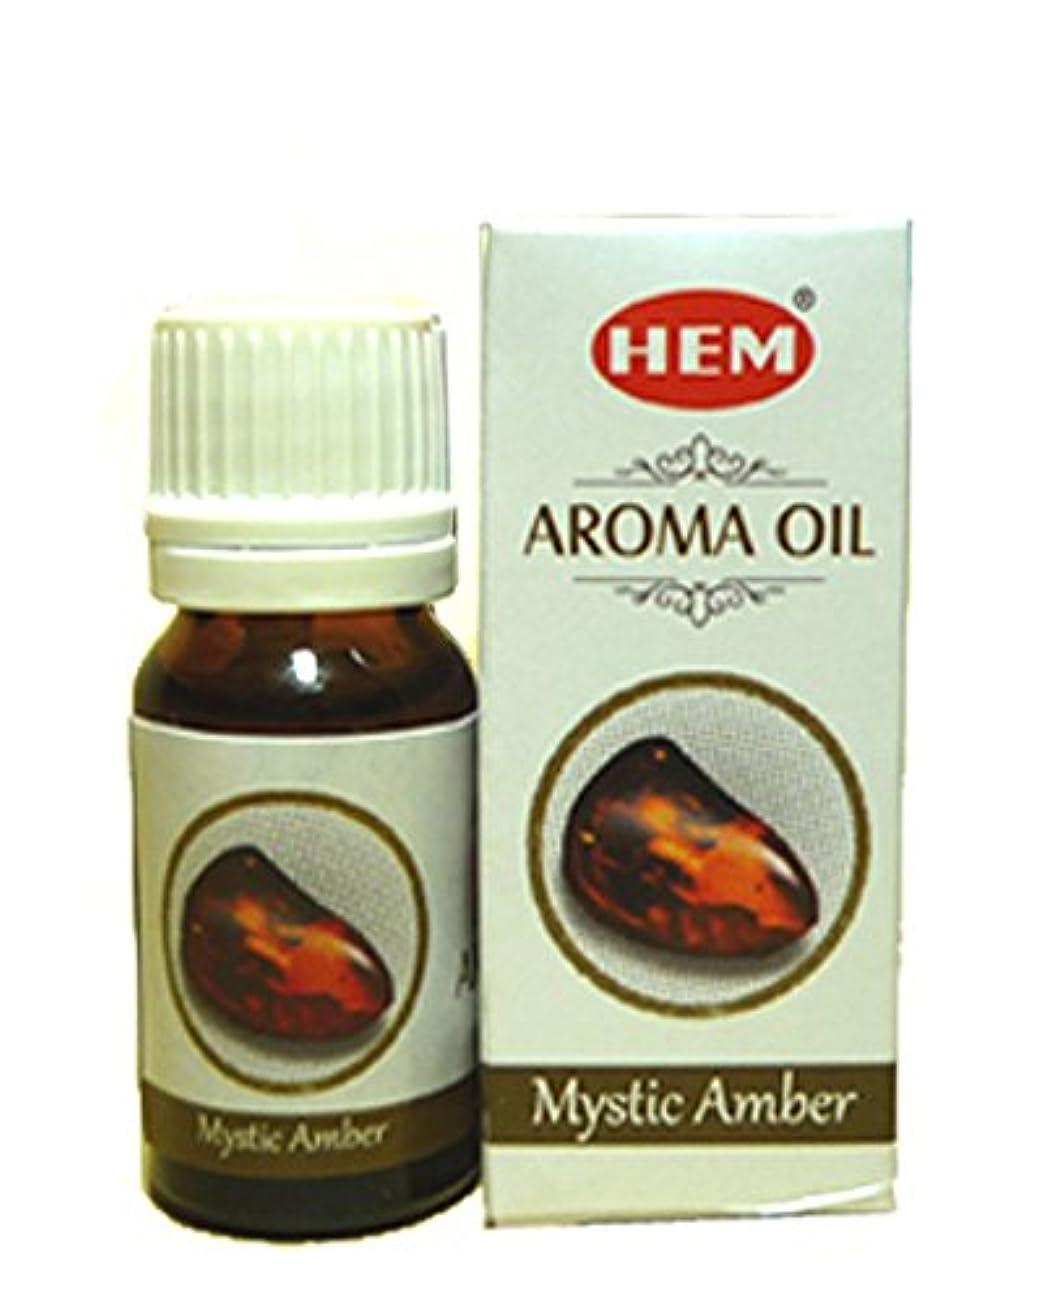 才能のある木おいしいHEMのアロマオイル HEM AROMA OIL 10ml ミスティック アンバー MYSTIC AMBER